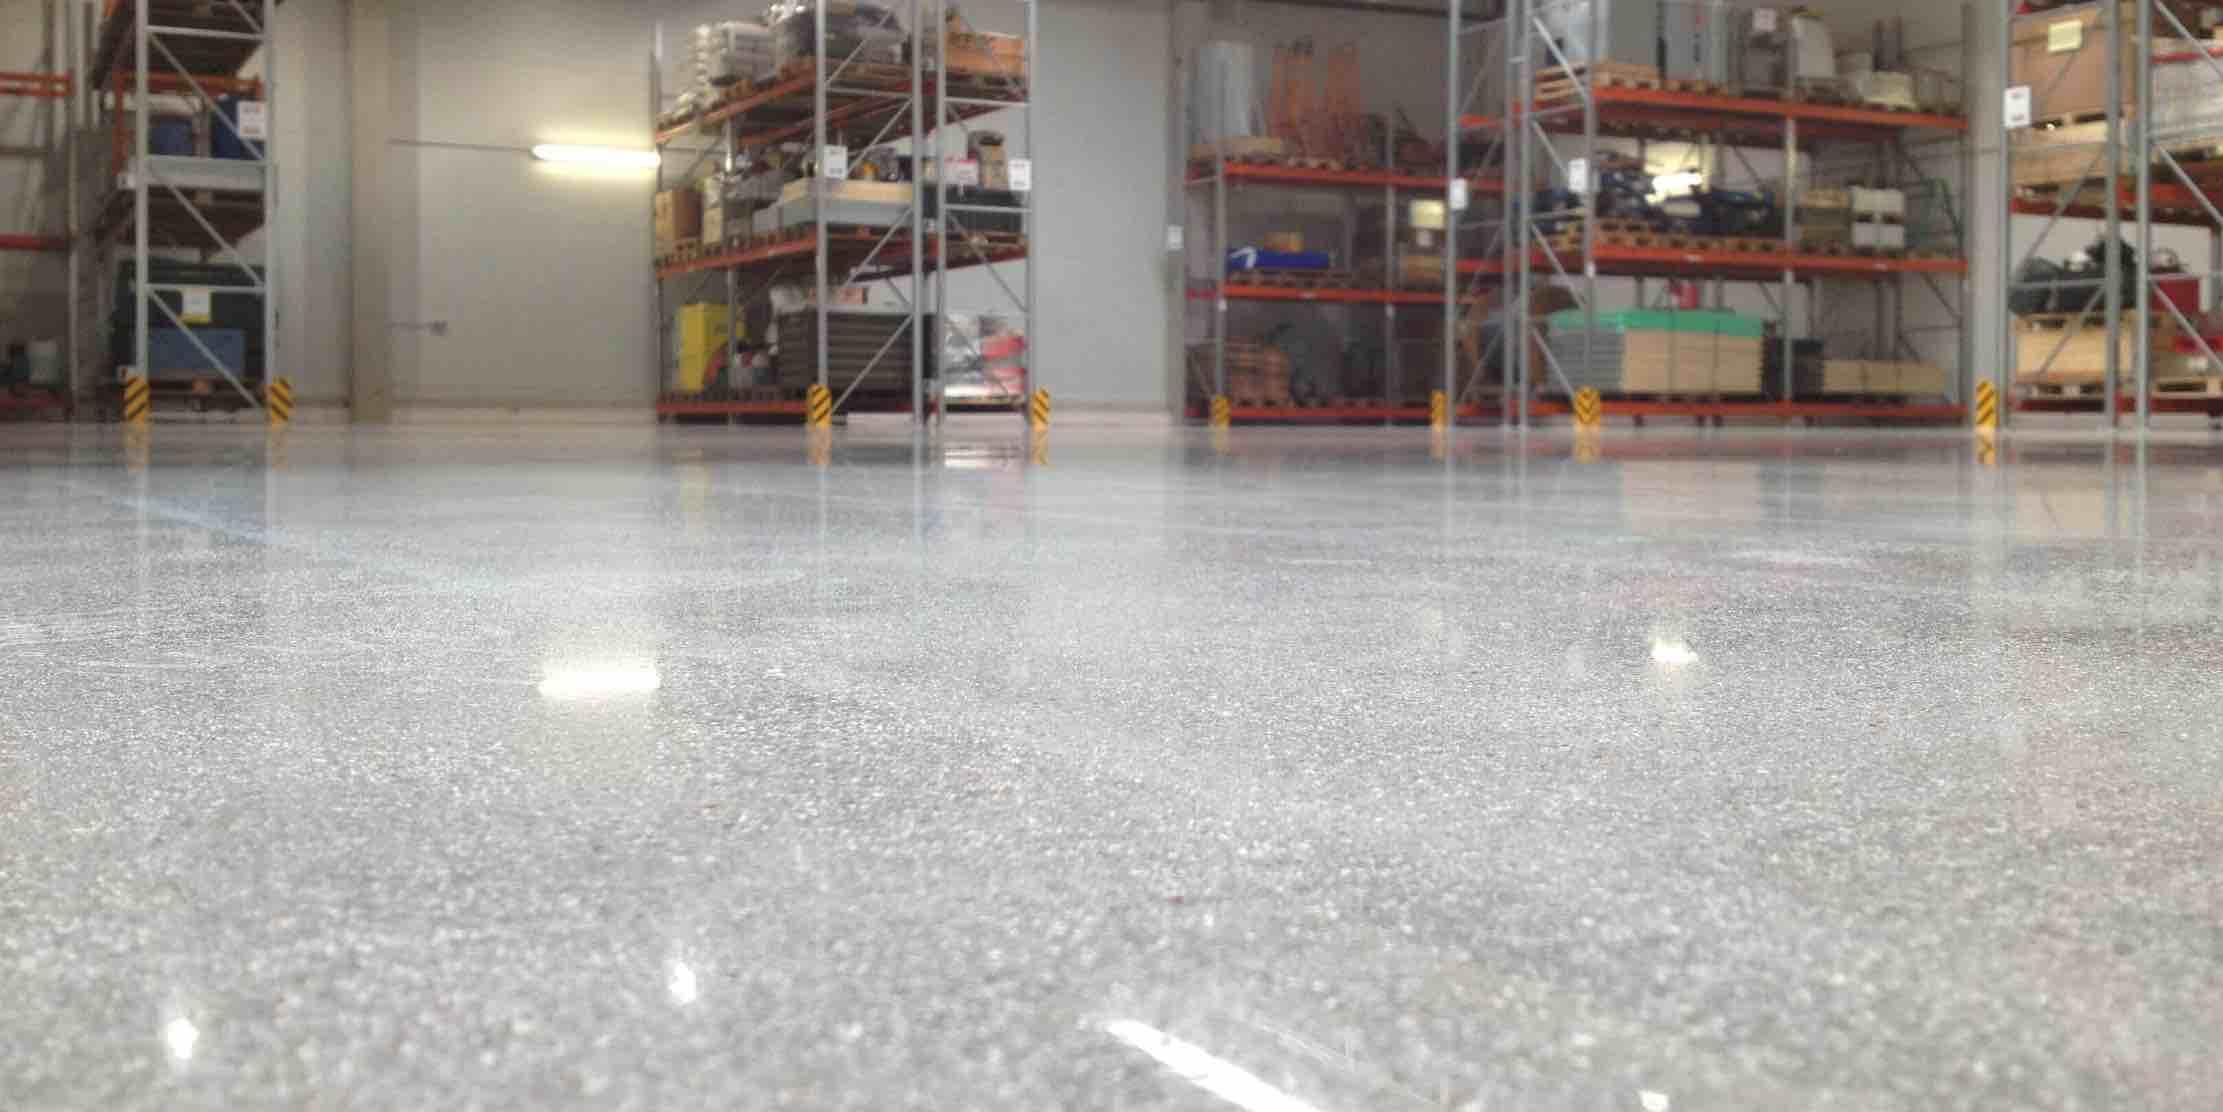 How to polish concrete floors 3